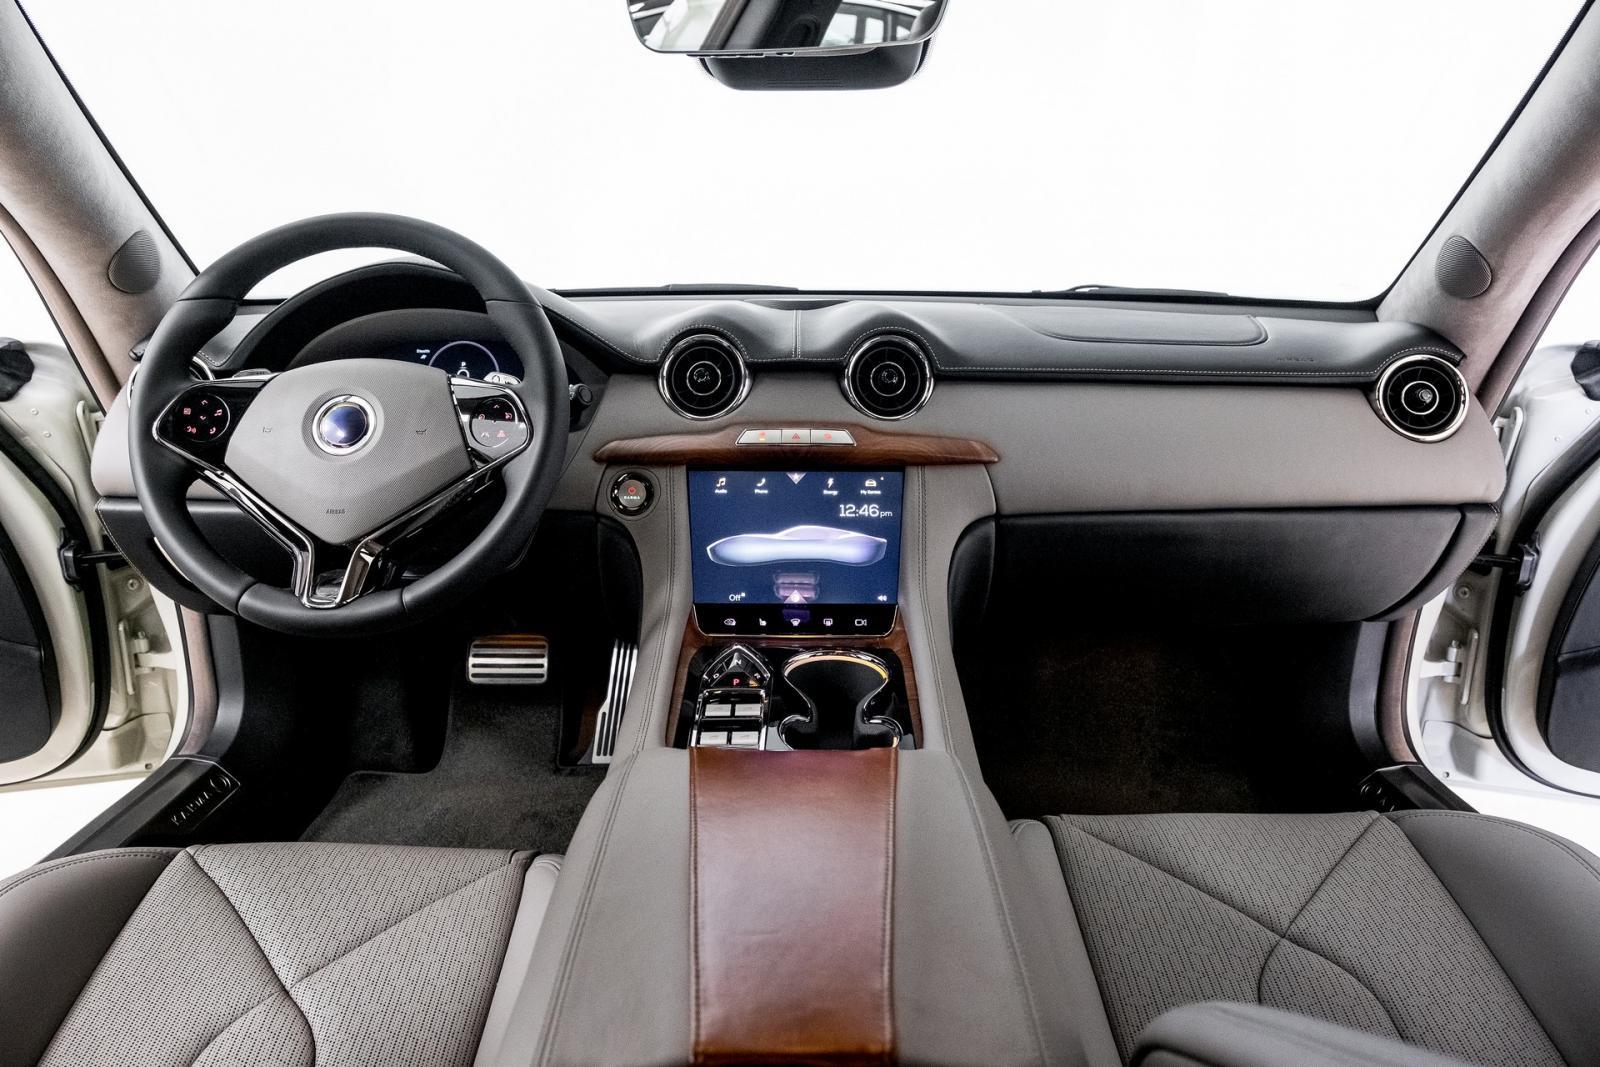 Den uppdaterade versionen får modernare interiör och ny ratt.